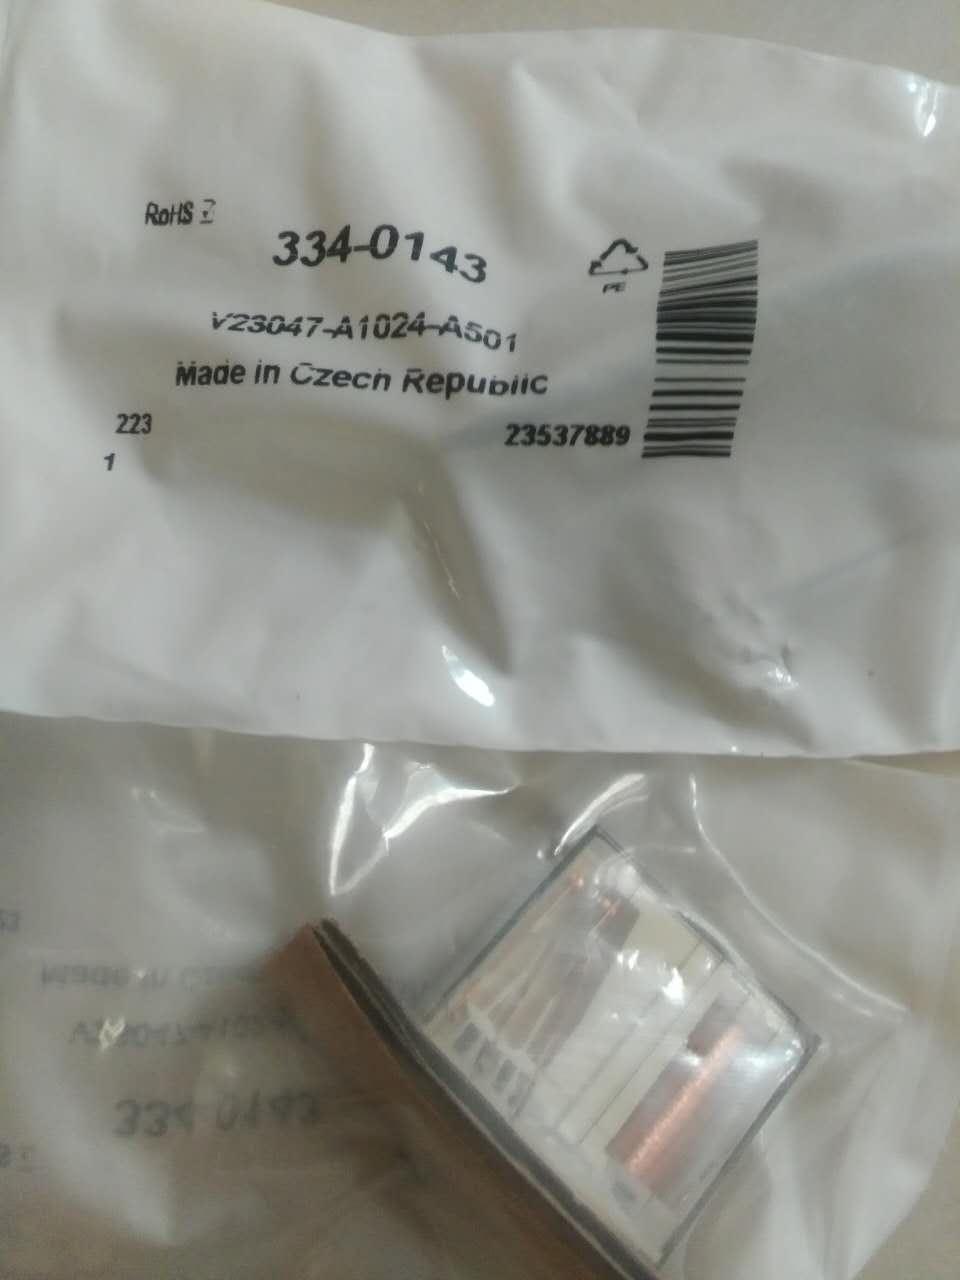 V23047A1024A501